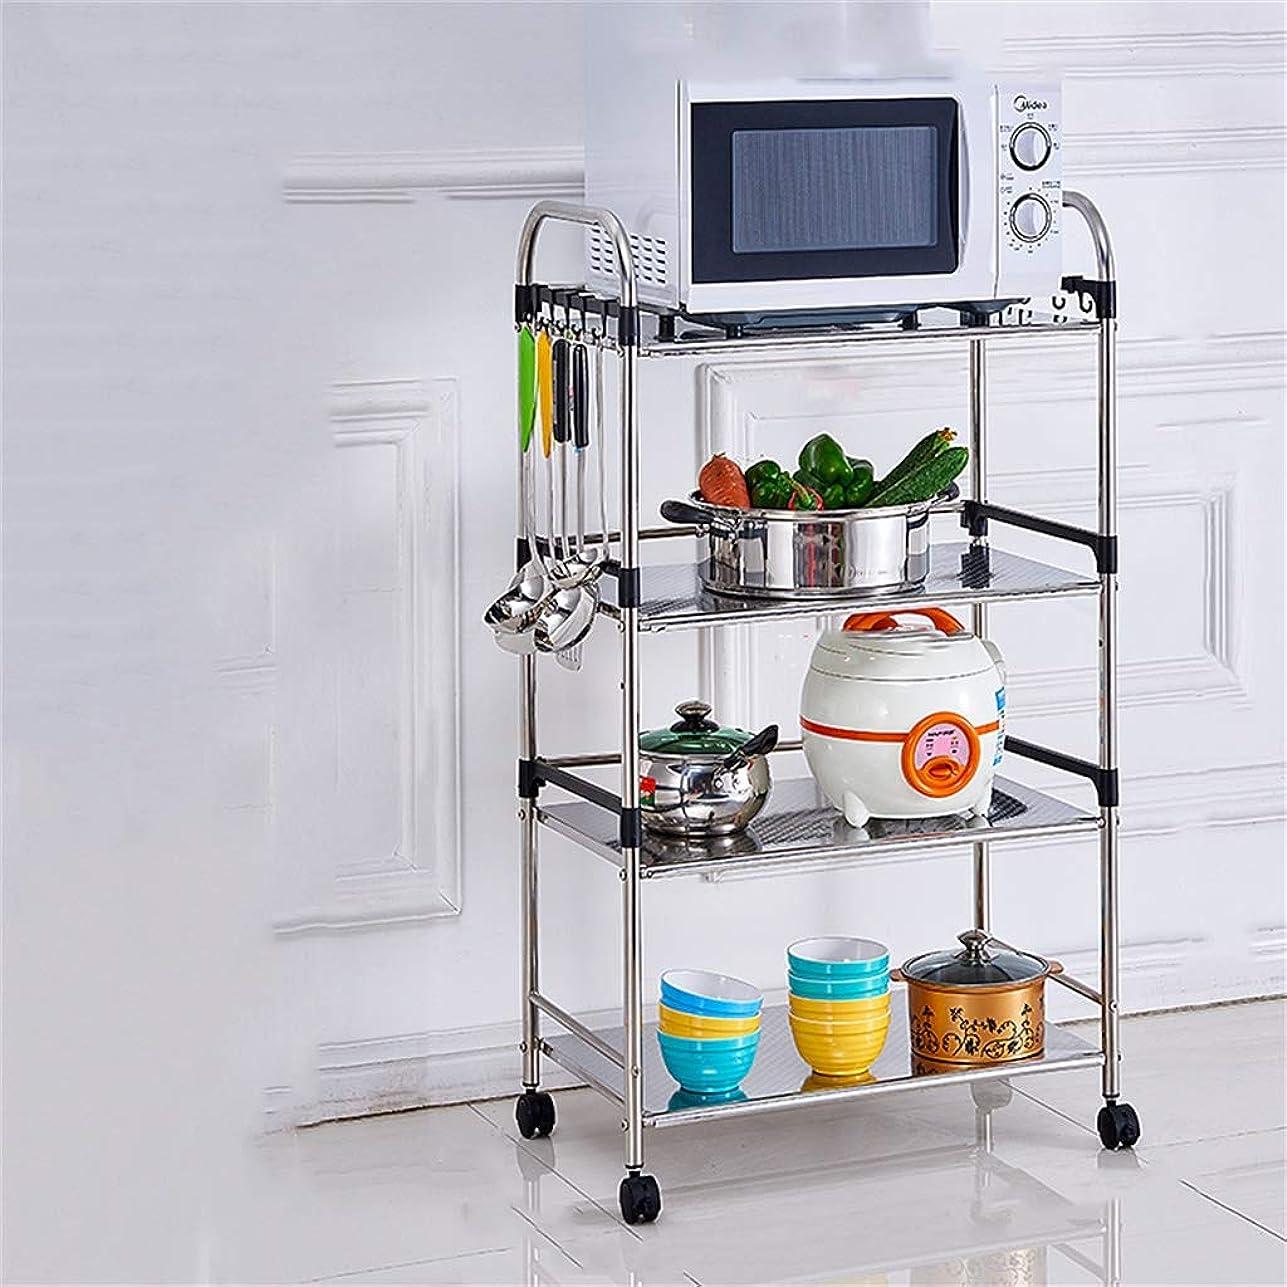 ケープ小麦王女バスルーム棚多層ステンレス鋼キッチン収納ラックバスルームフロアスタンド洗面台スタンドトイレ収納ラック (Color : 50*100CM)